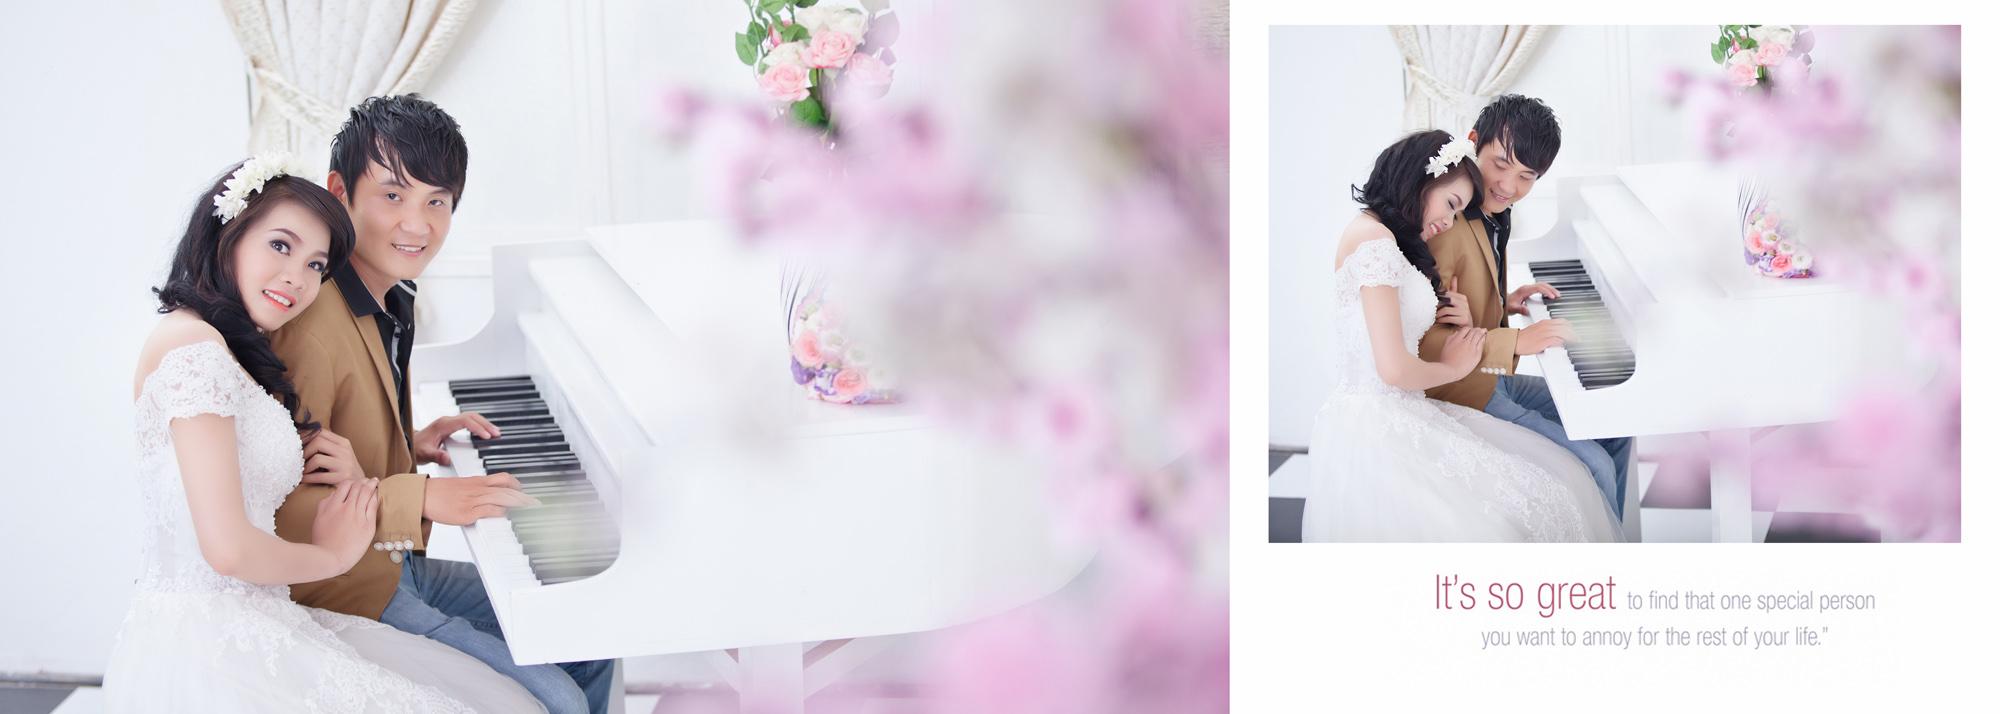 Album chụp hình cưới điễm & như 15